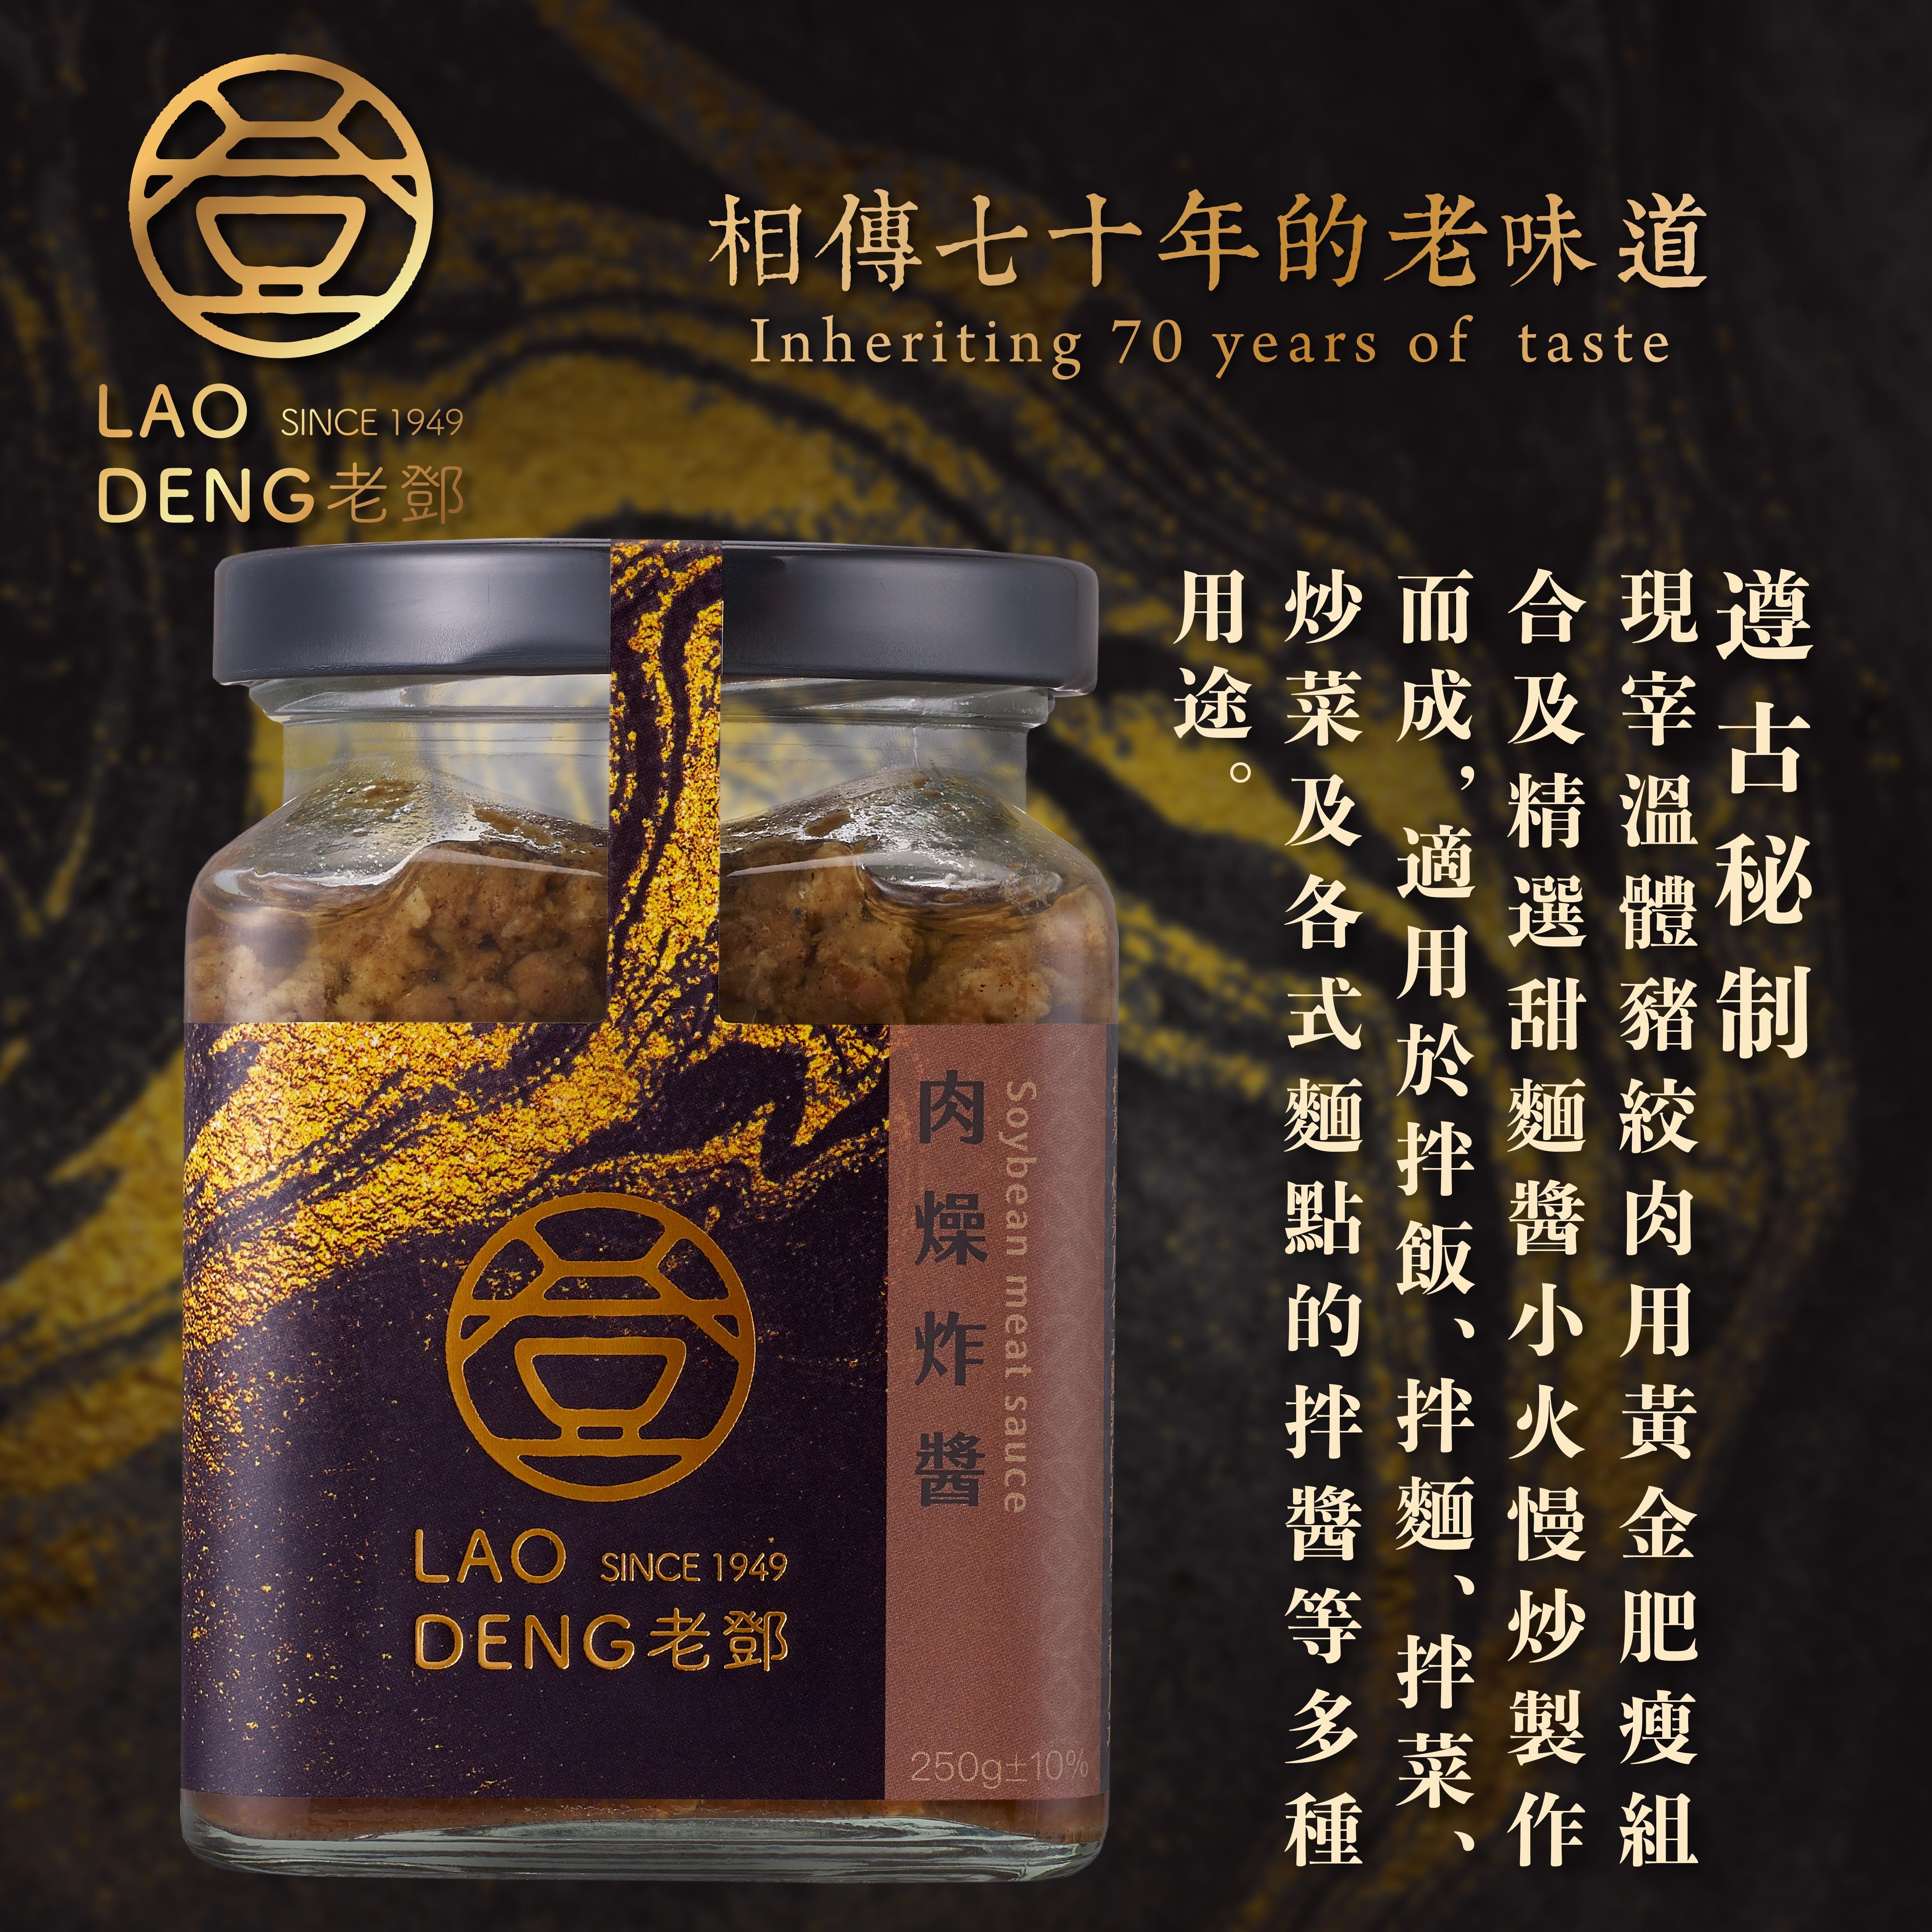 《老鄧 Lao Deng 1949》肉燥炸醬